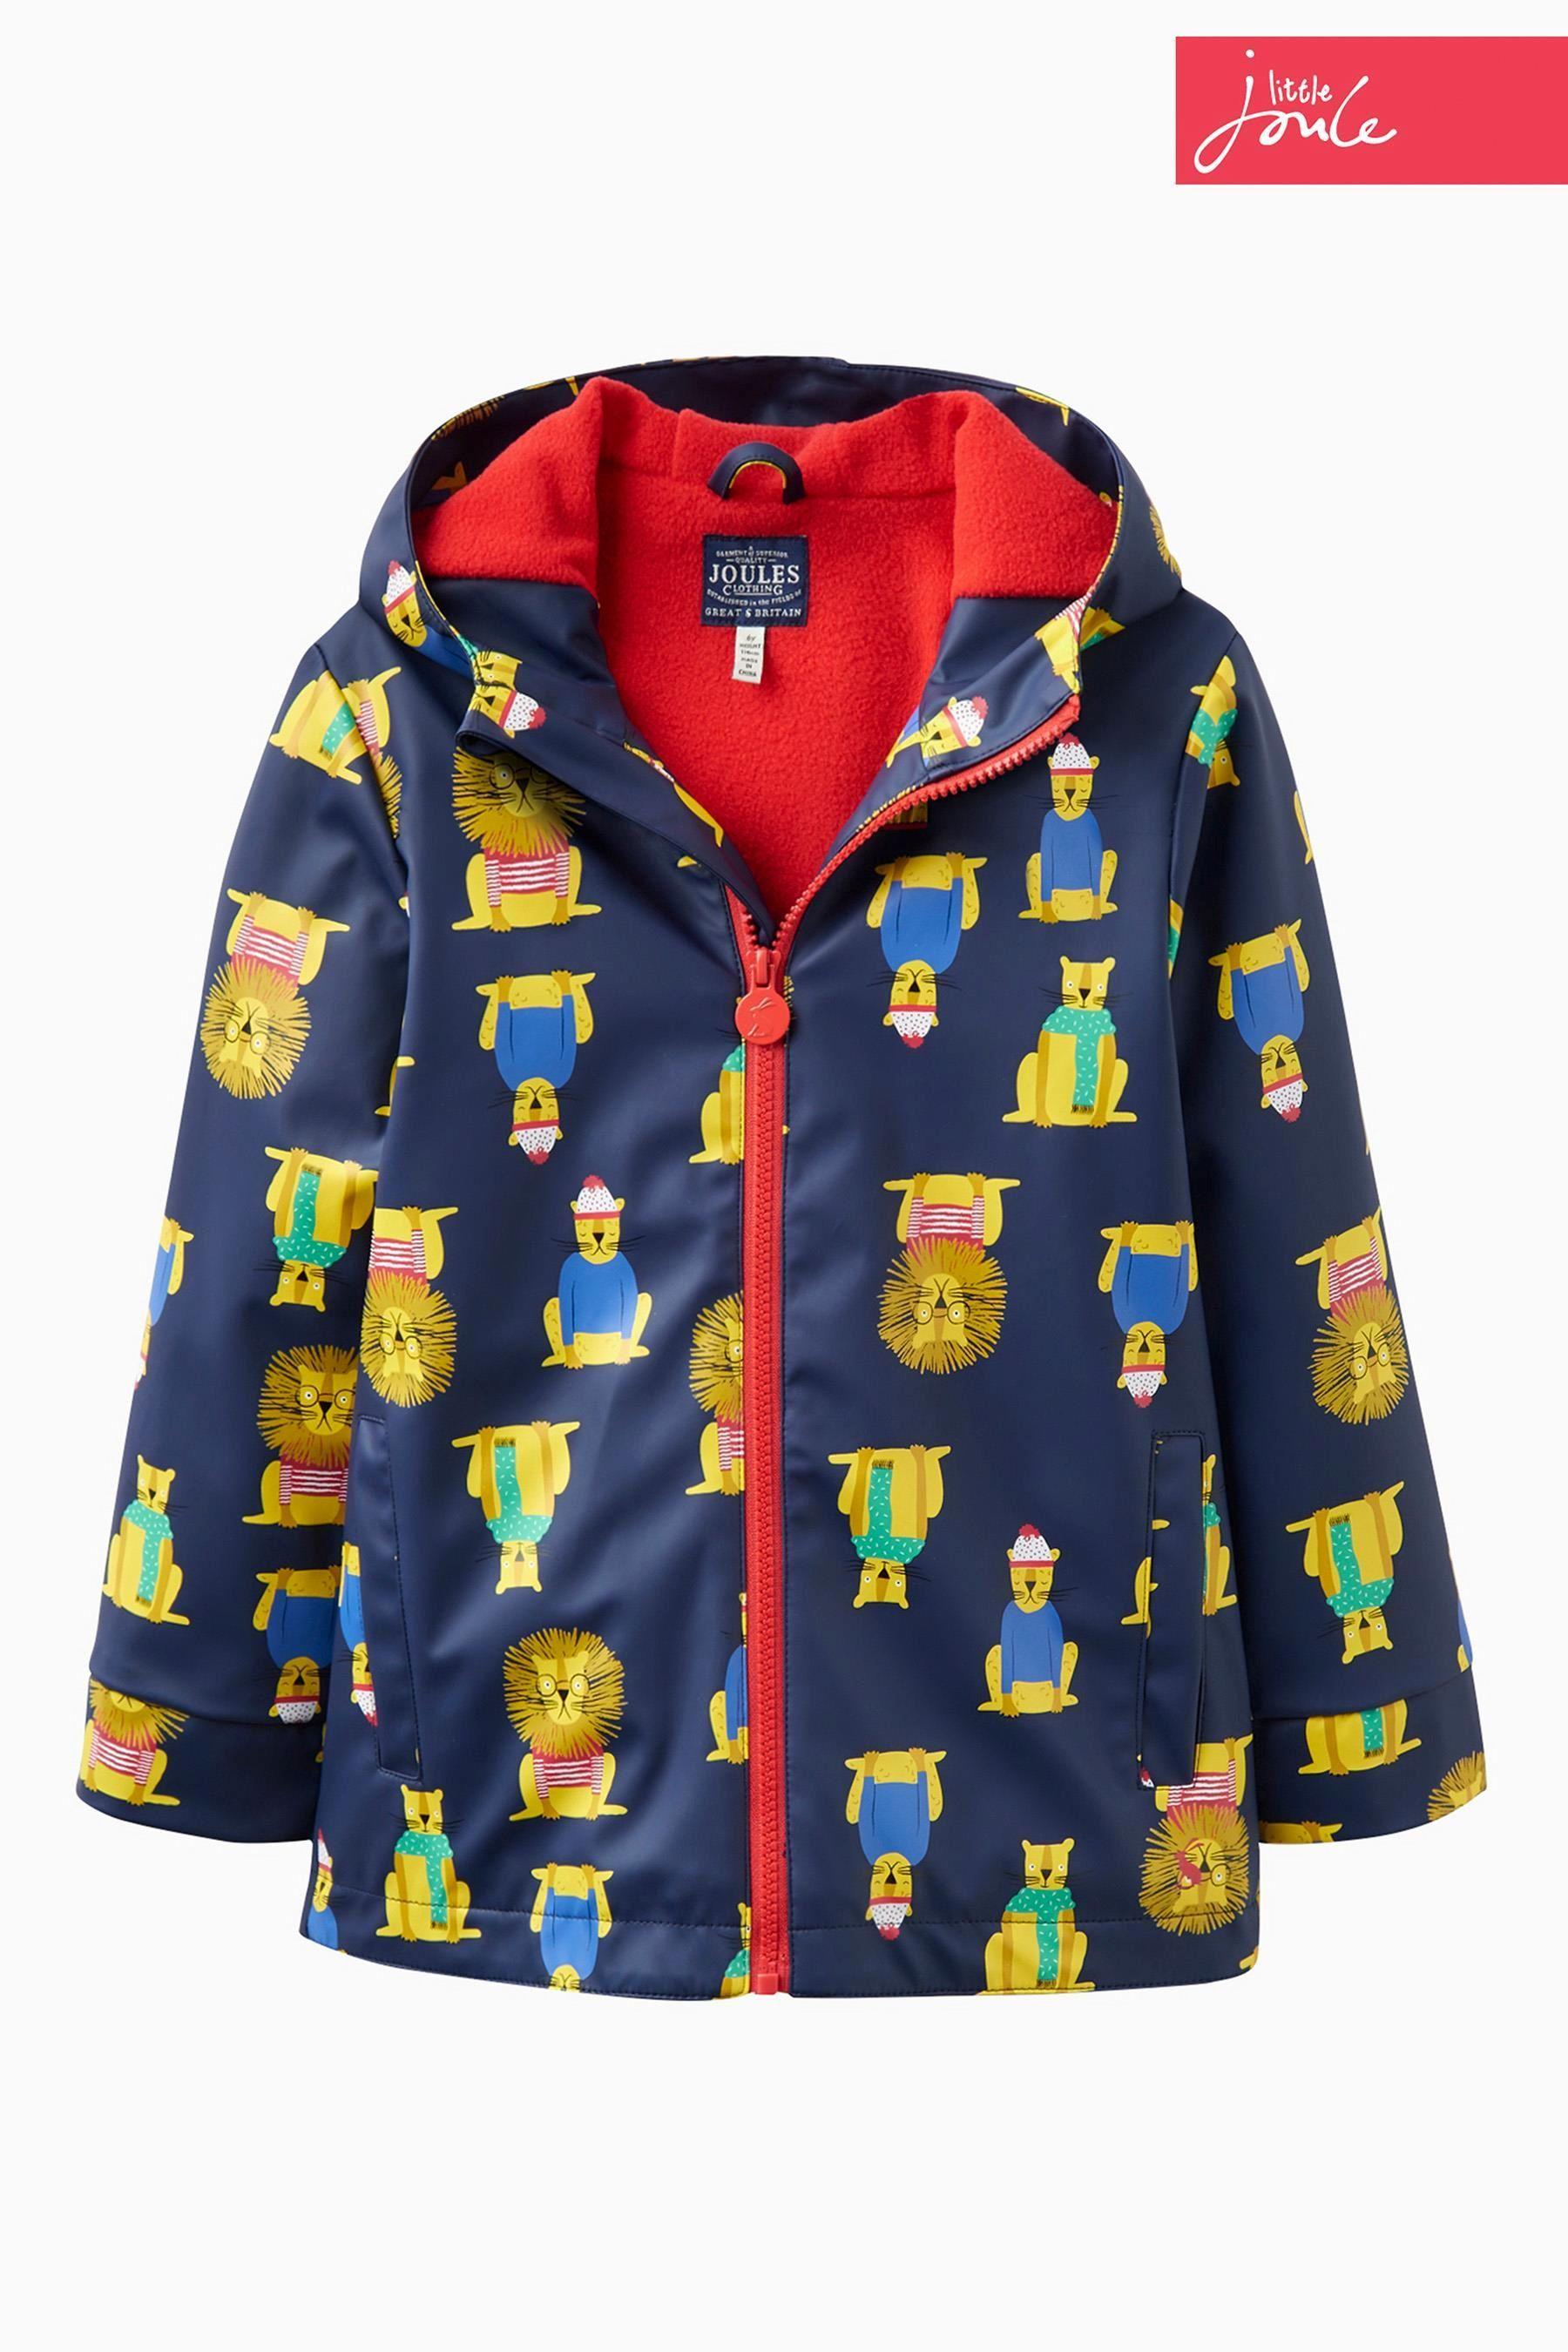 little joule navy lion raincoat from the next uk online shop #0: 1ca1f2f b2566c45ea16c2e912ab